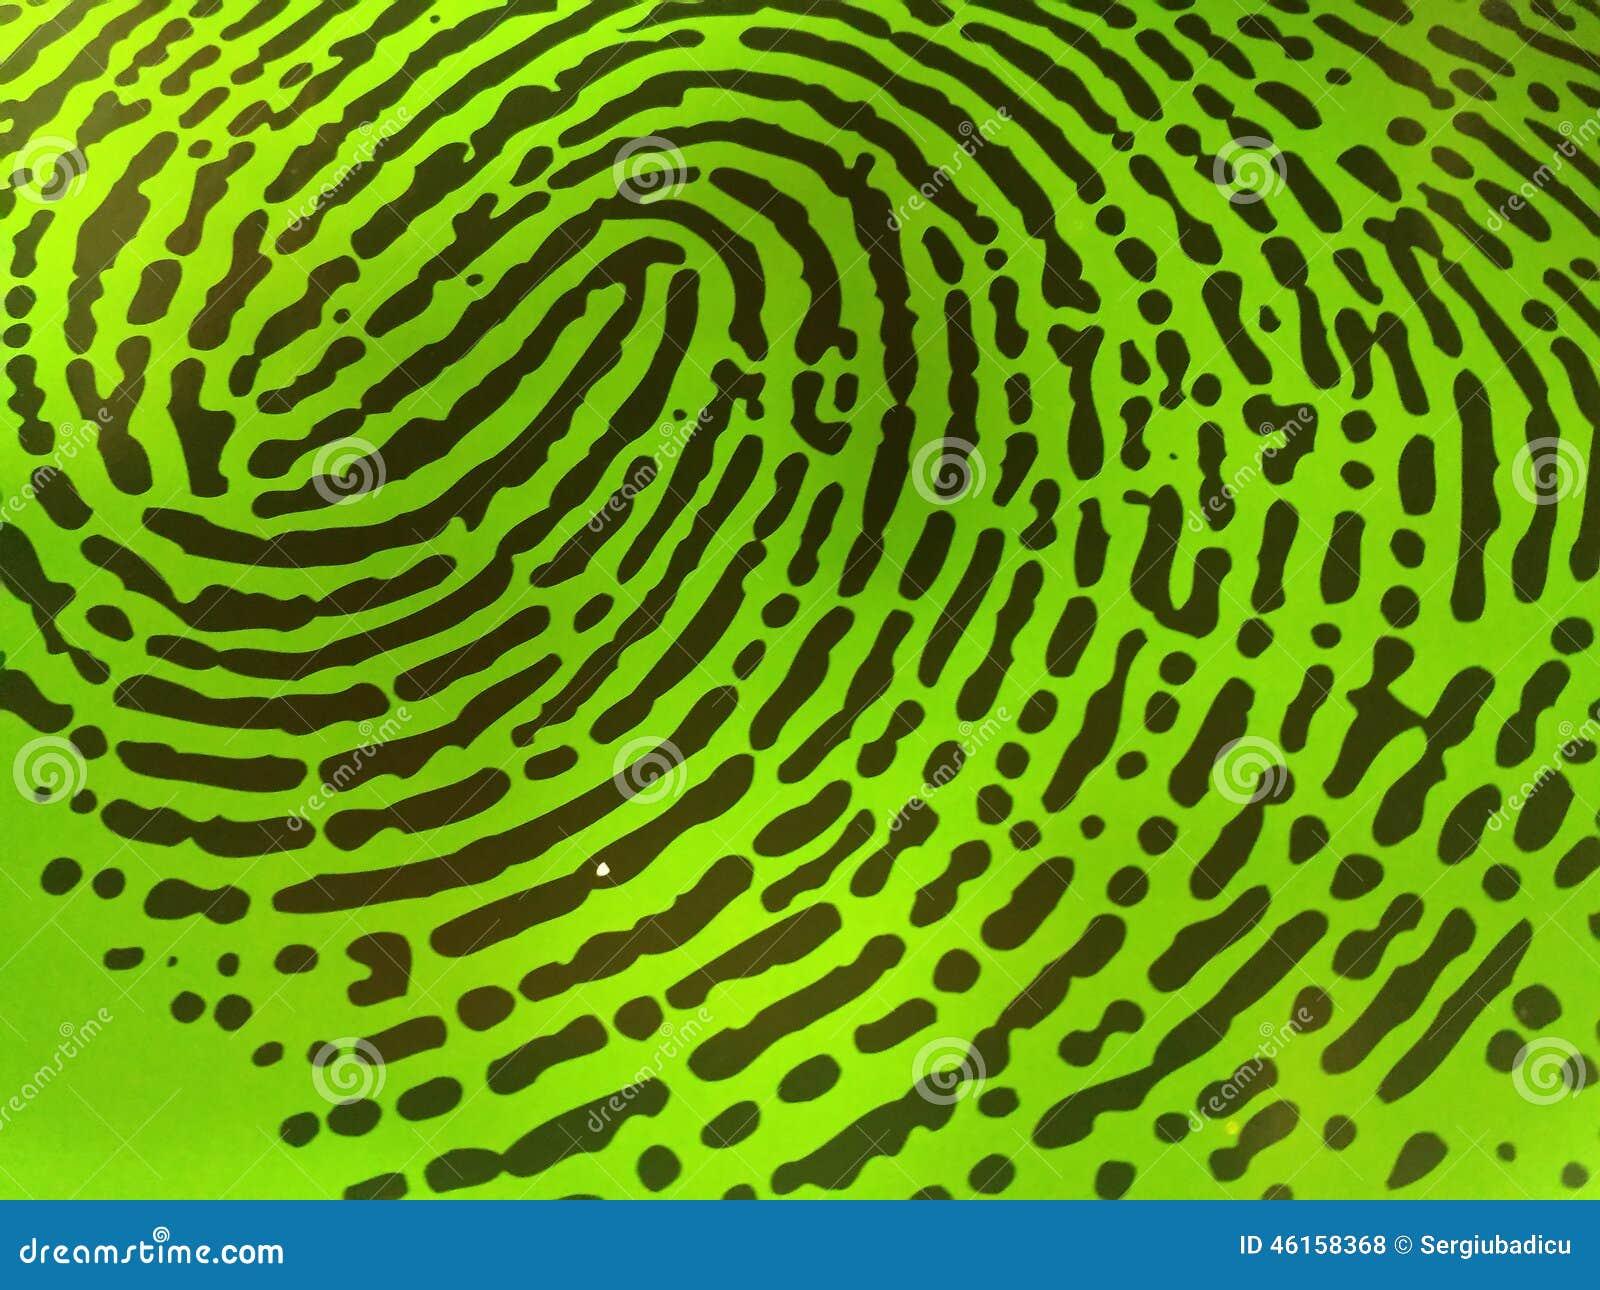 Impronta digitale verde